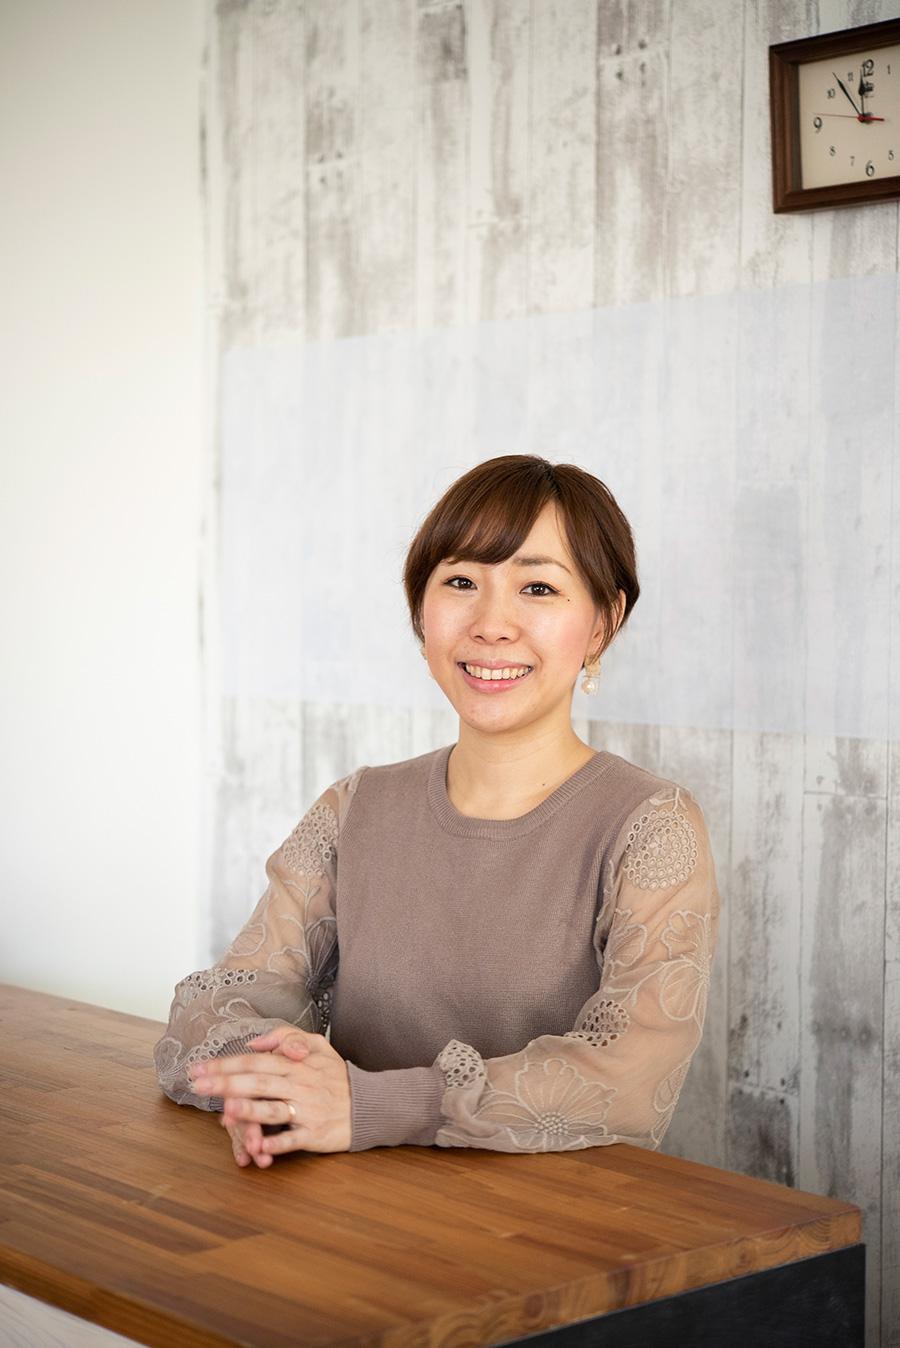 収納スタイリスト・吉川永里子さん。Room&me(https://www.roomandme.net/)代表。働く女性、母の目線で片づけサービスや各種セミナーを行う。「なかなか捨てられない人ための鬼速片づけ」など著書も多数。